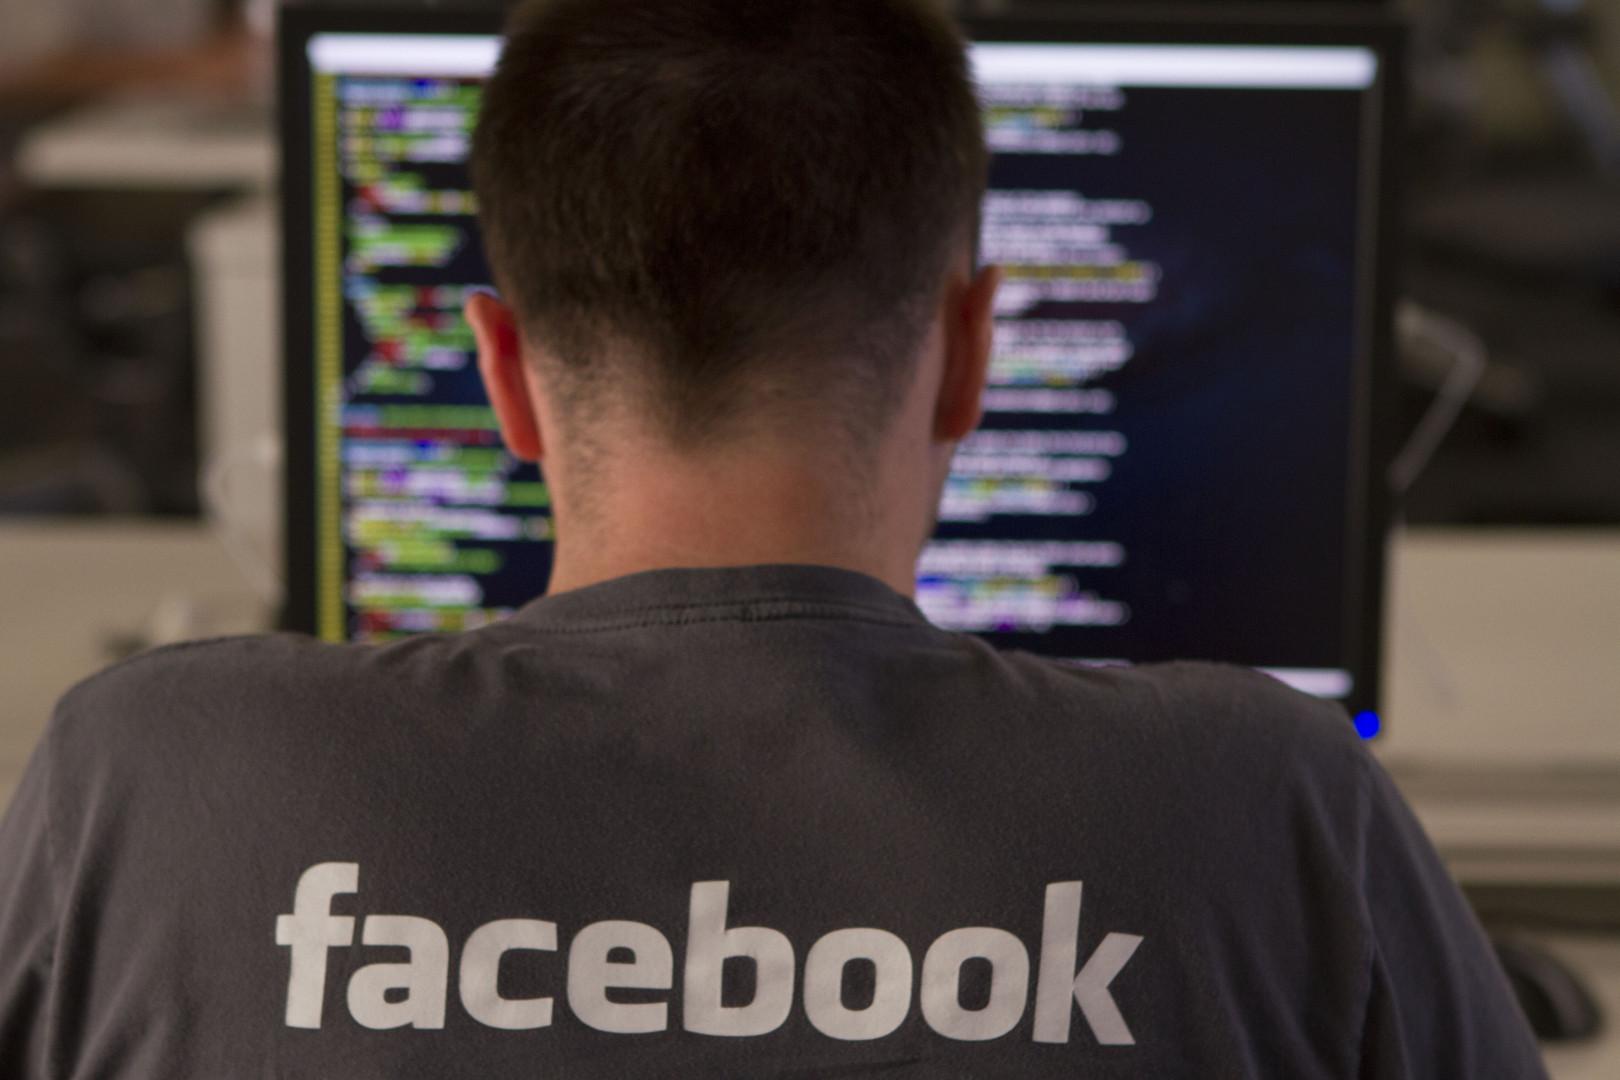 Kommer Facebook til å slippe støtte for chat-roboter ved F8 i April?